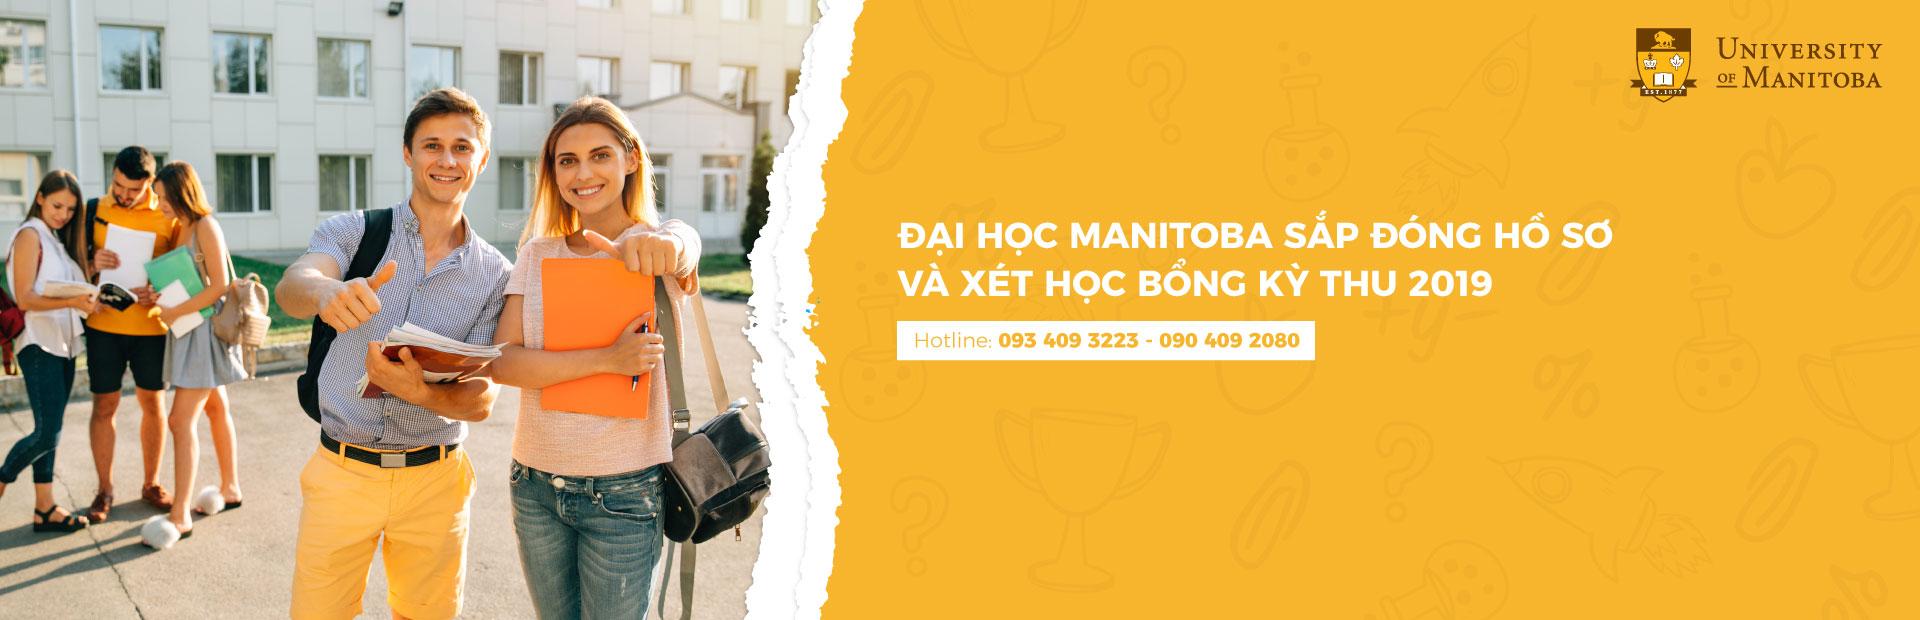 Manitoba 2019